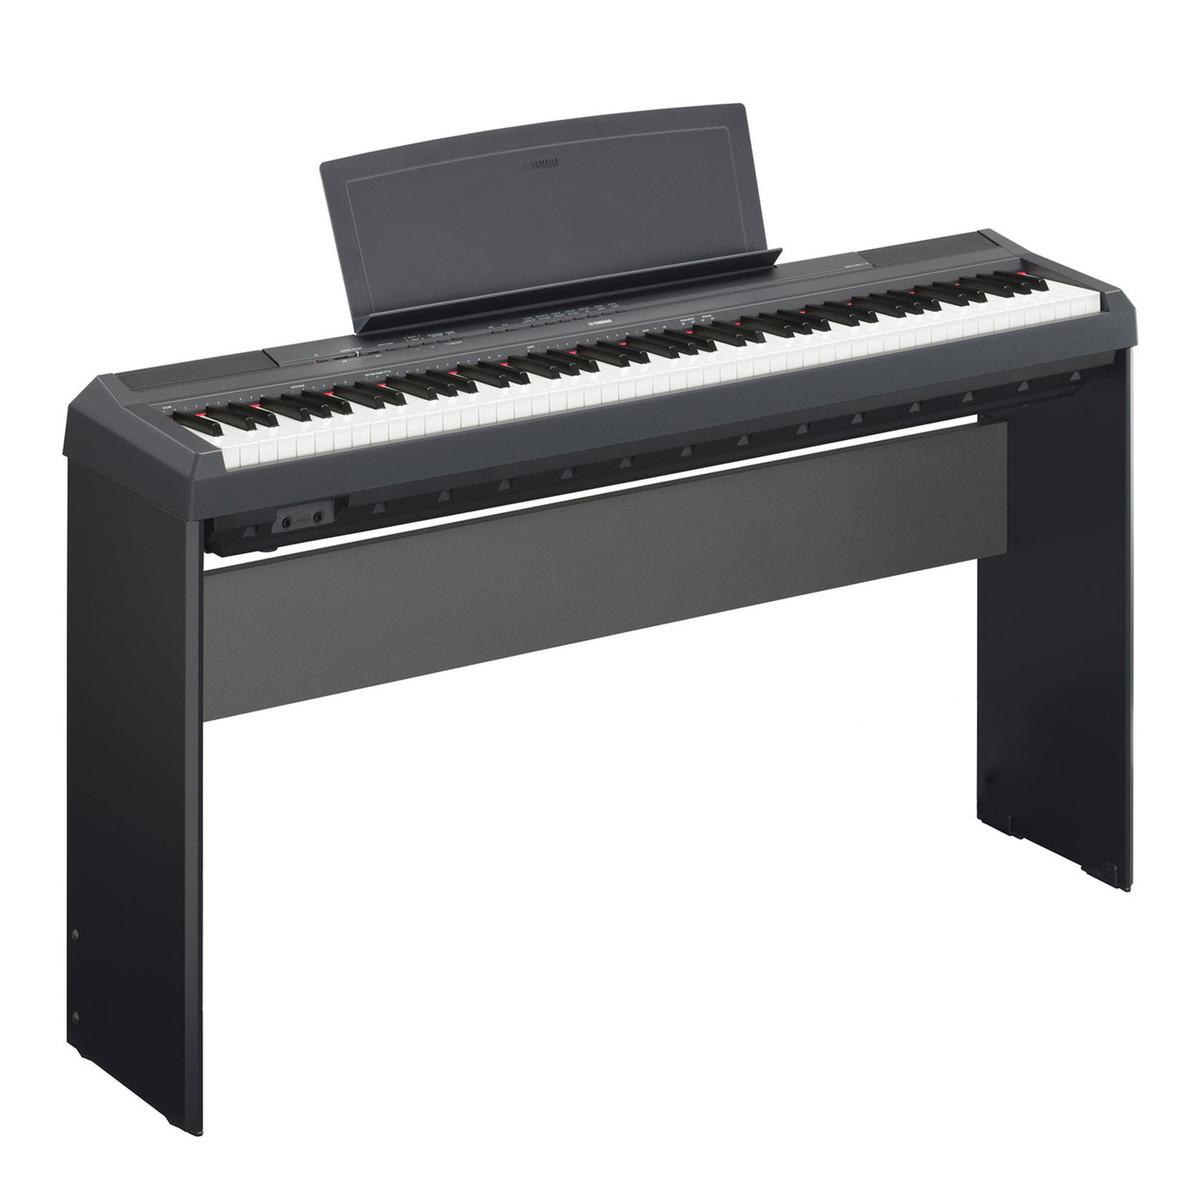 Yamaha p115 digital piano black with matching stand at for Yamaha p115 piano